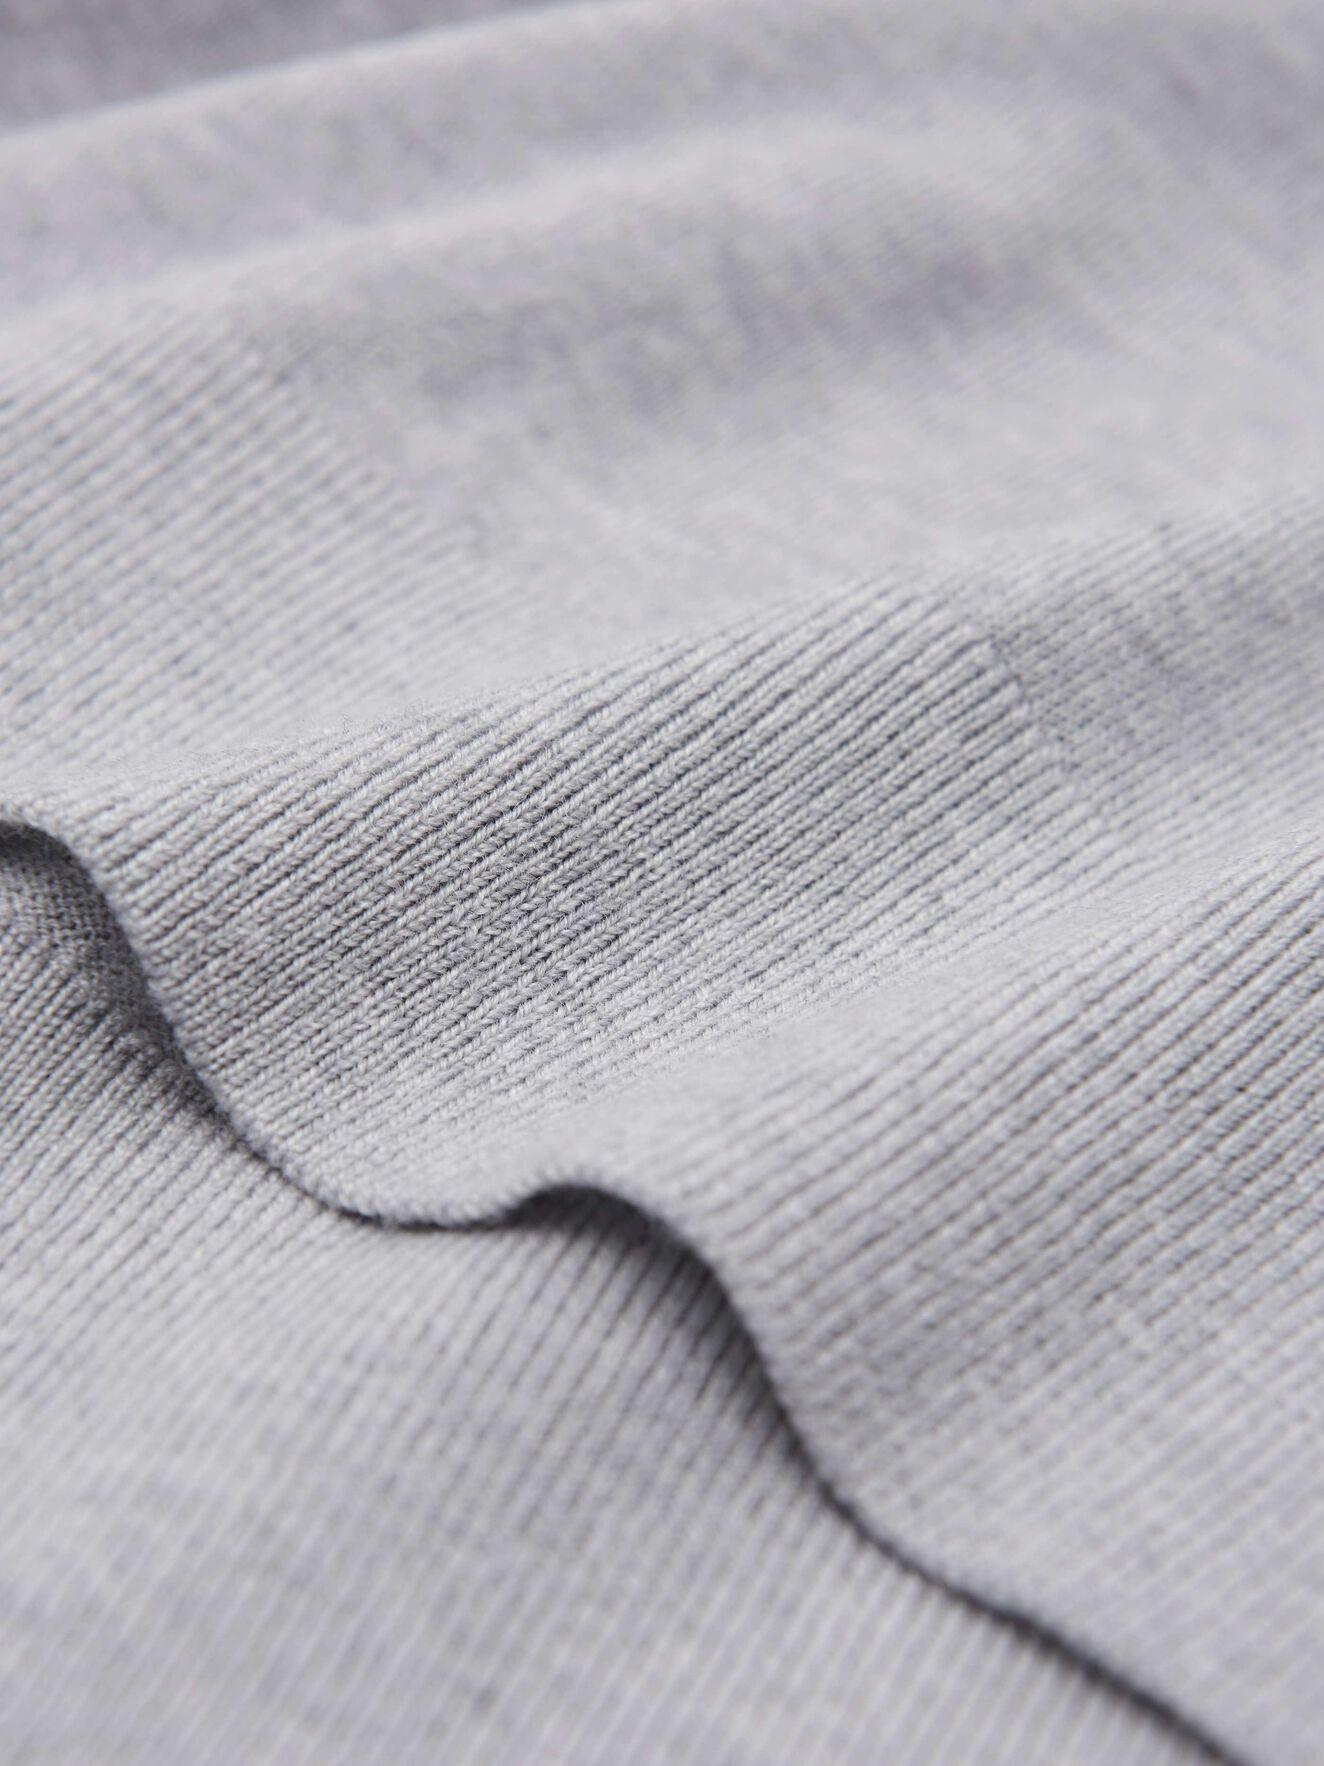 Nevile Pullover in Light grey melange from Tiger of Sweden